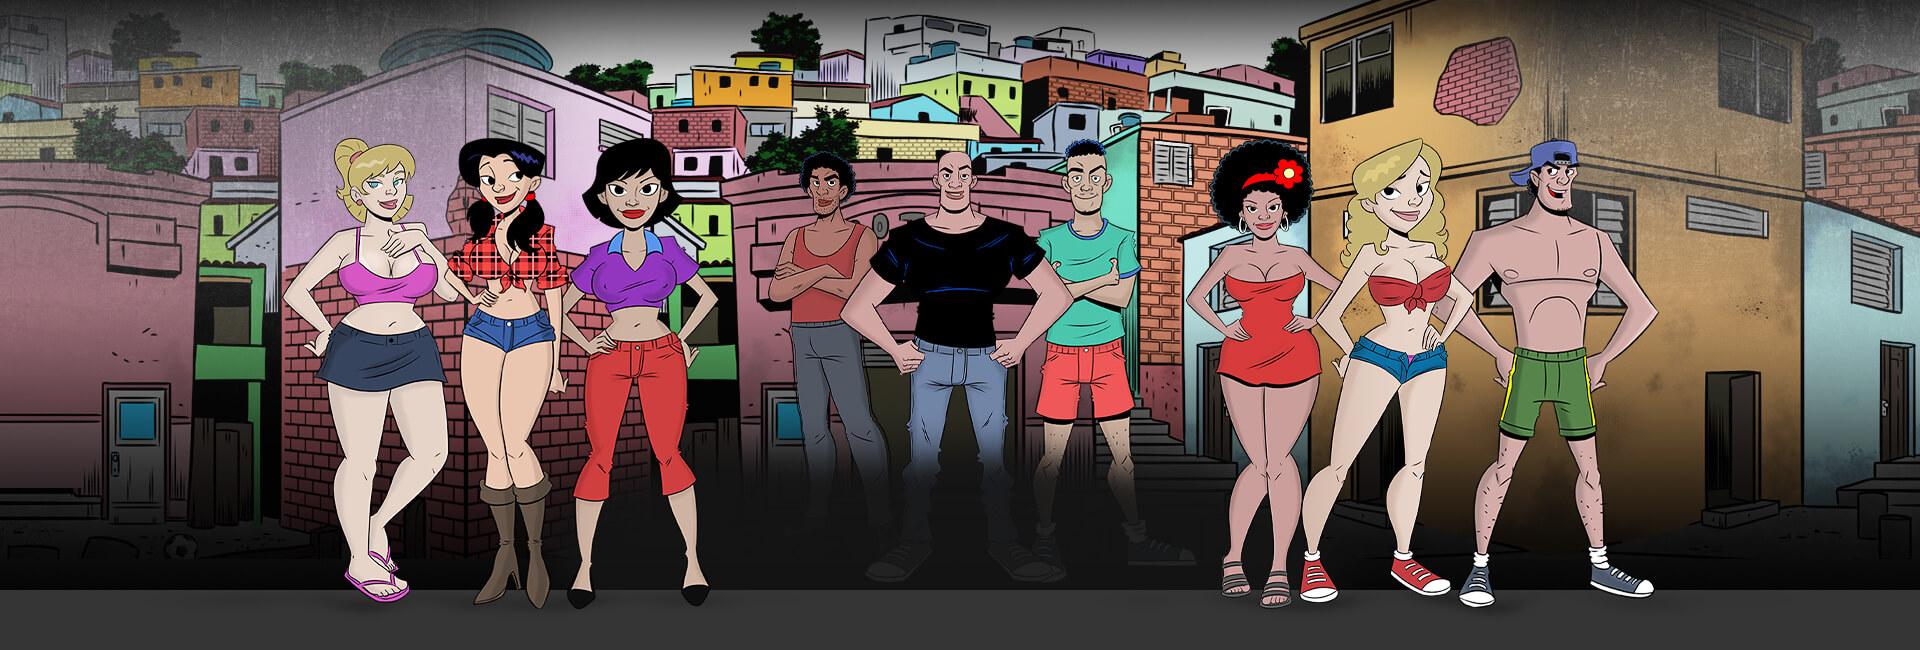 Putarias na Favela